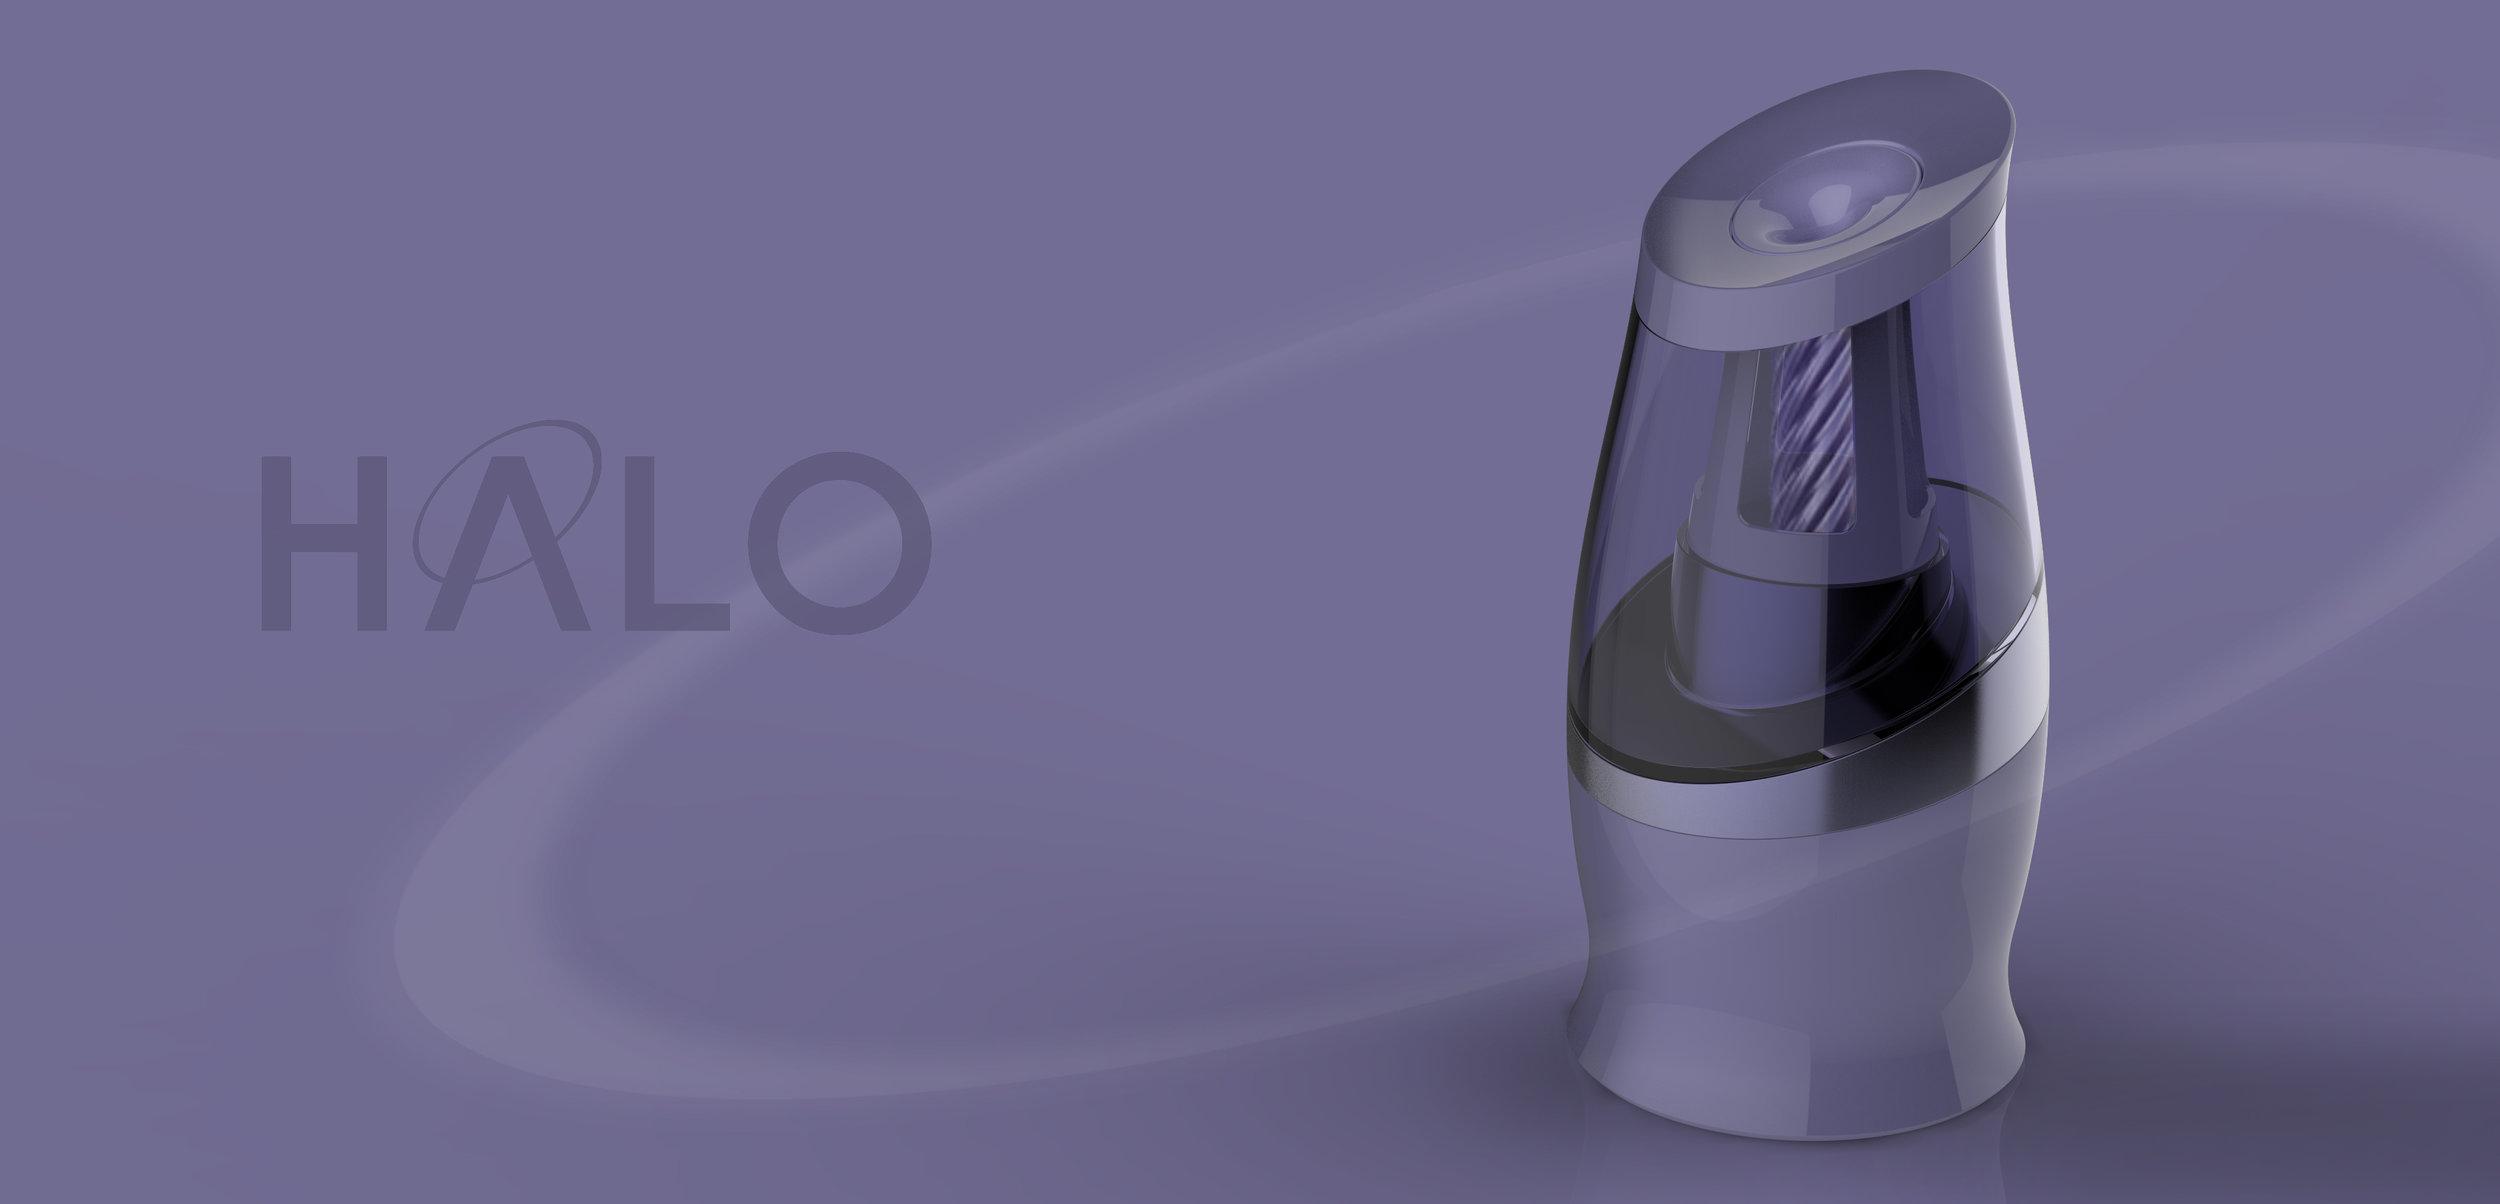 Westcott_Halo_Purple_022219.jpg